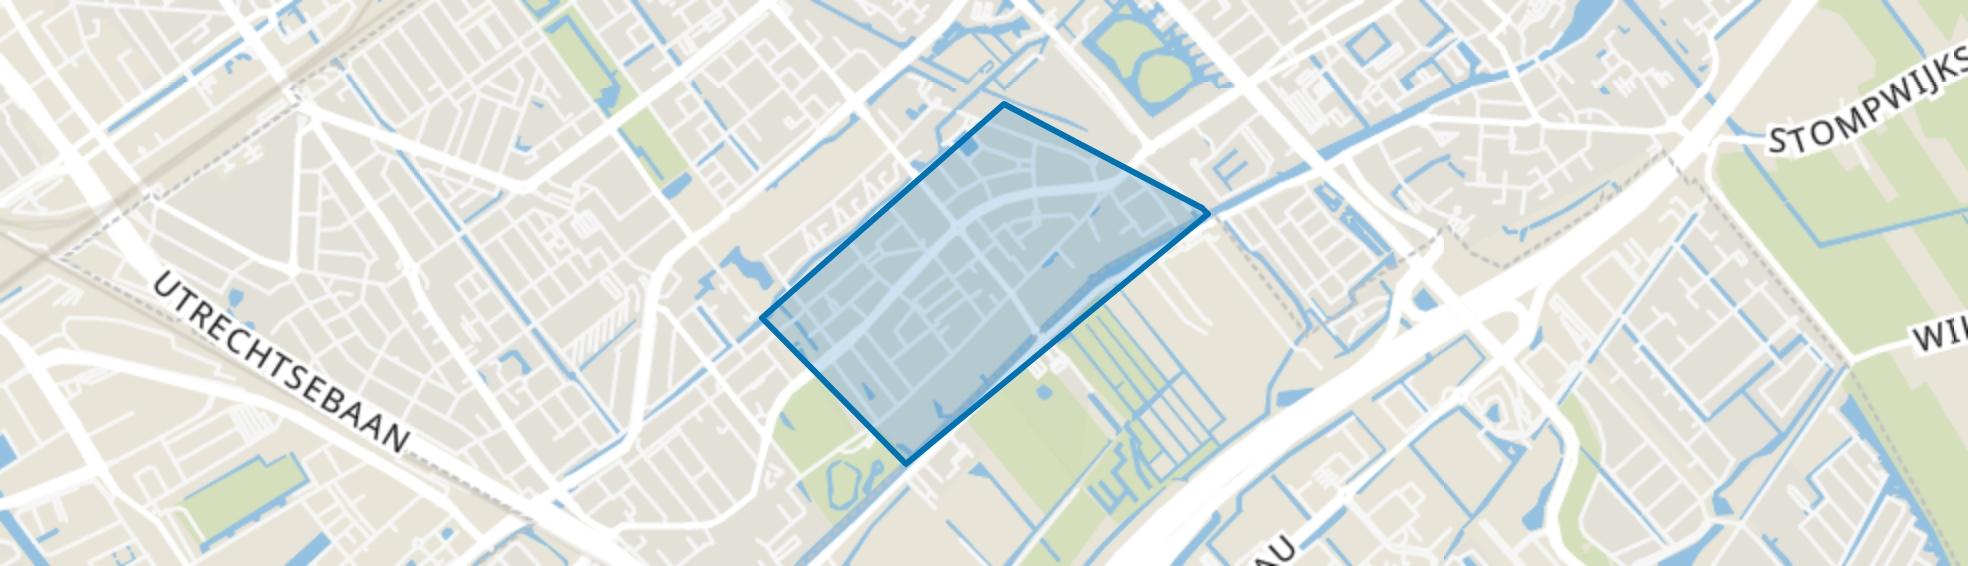 Voorburg Oud noord, Voorburg map